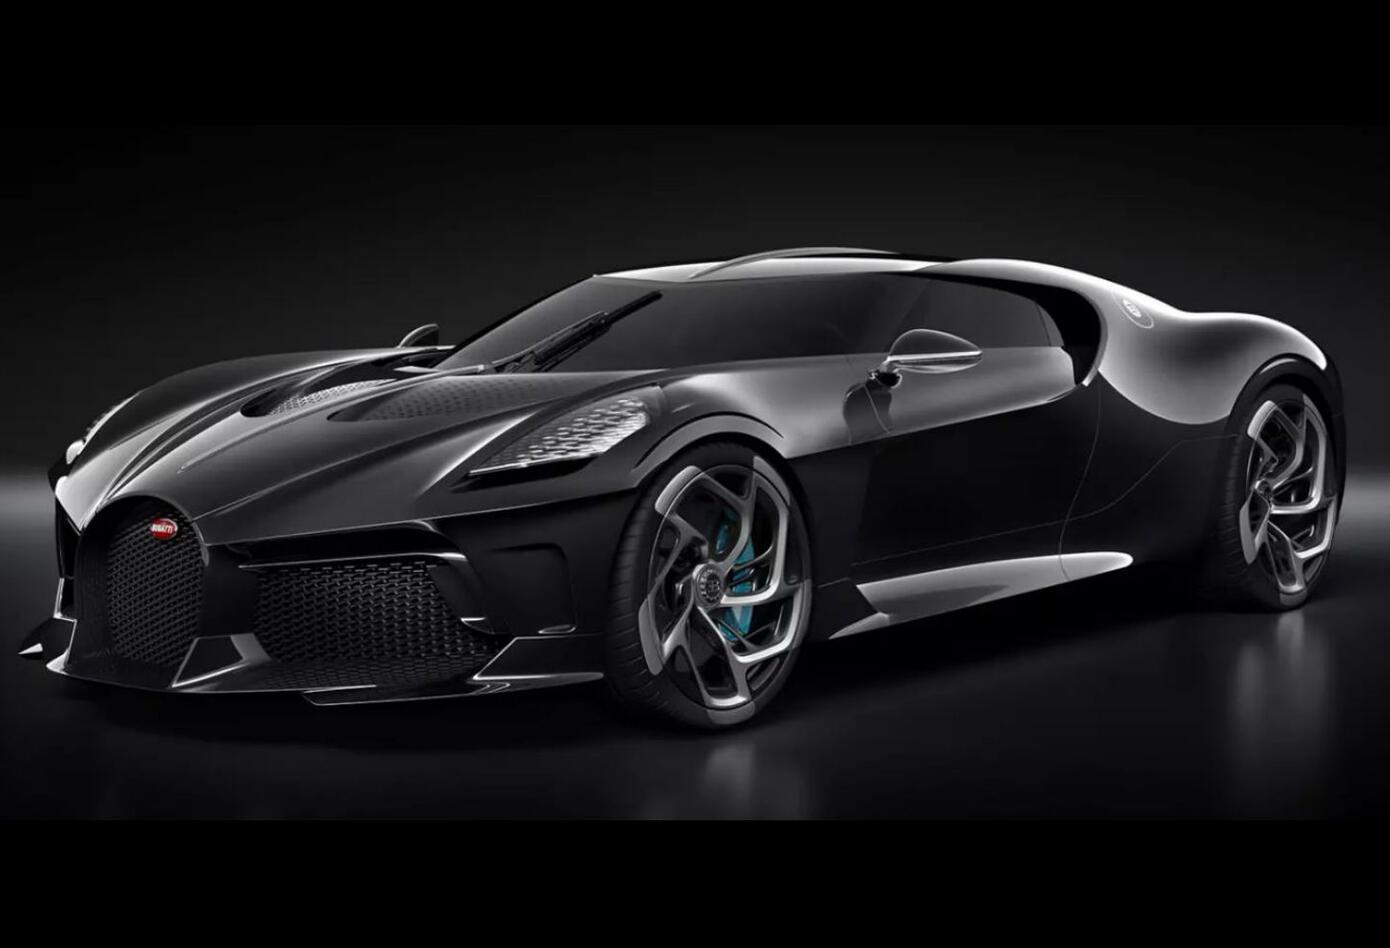 Bugatti La Voiture Noire, el carro deportivo más caro del mundo